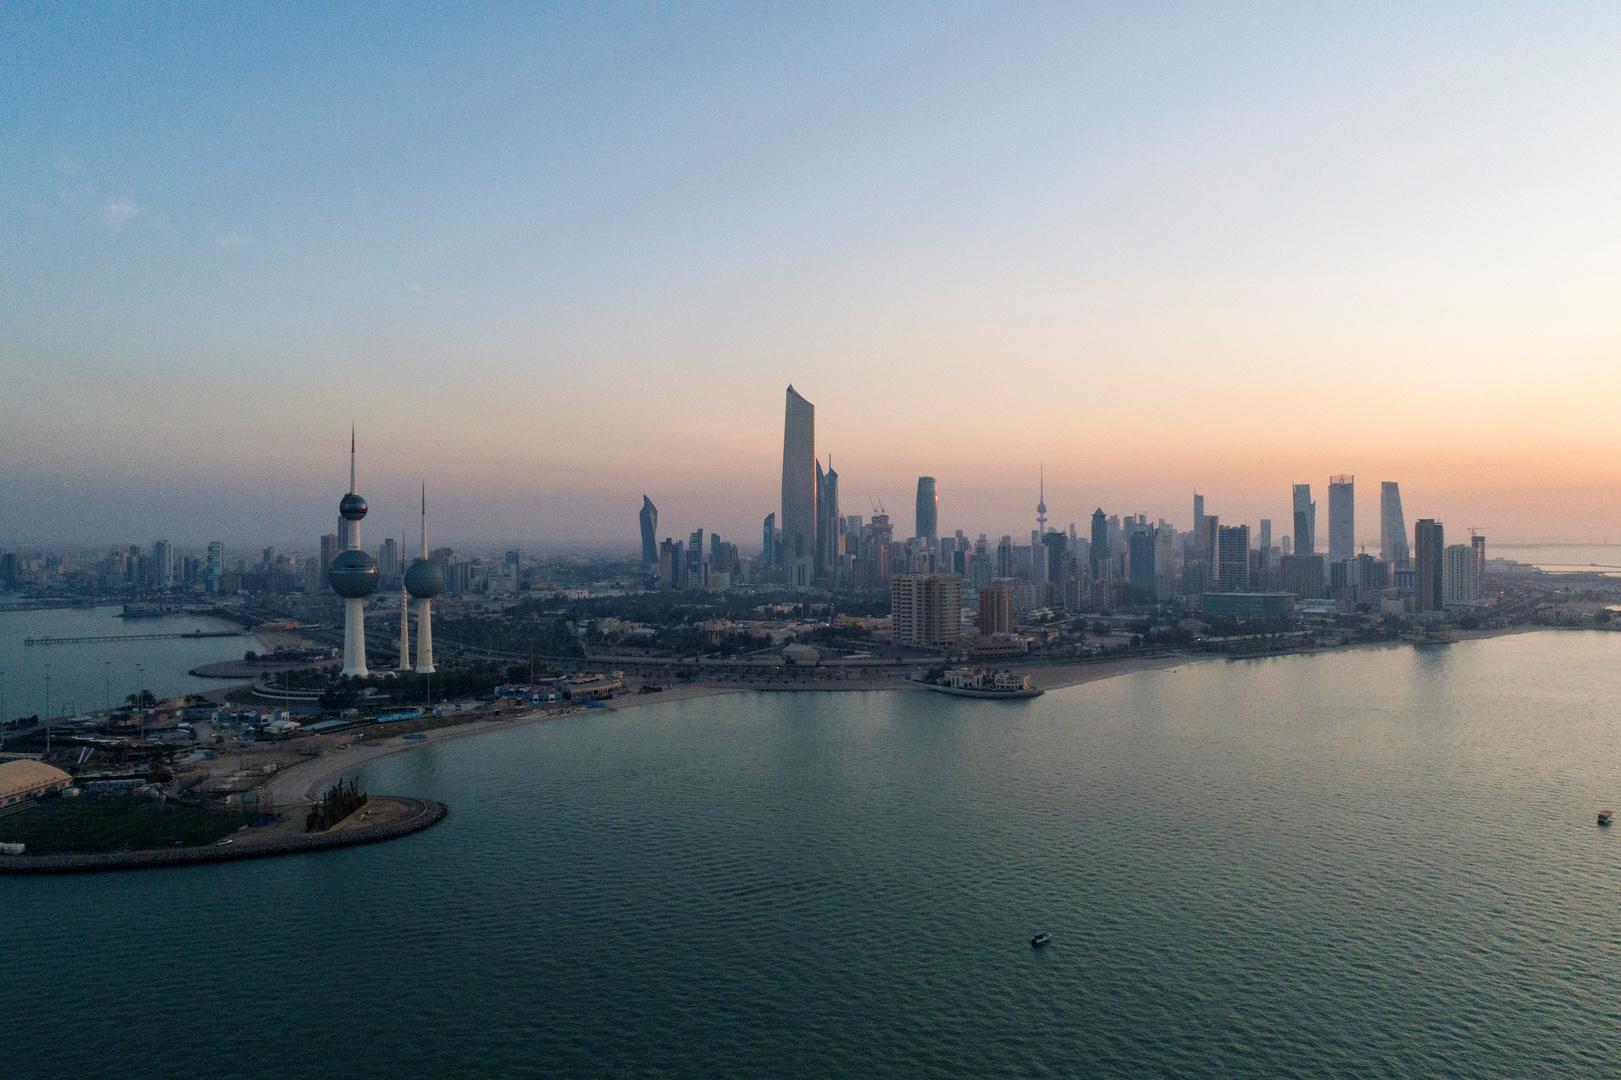 الحكومة الكويتية تغلق المنافذ البرية والبحرية للبلاد